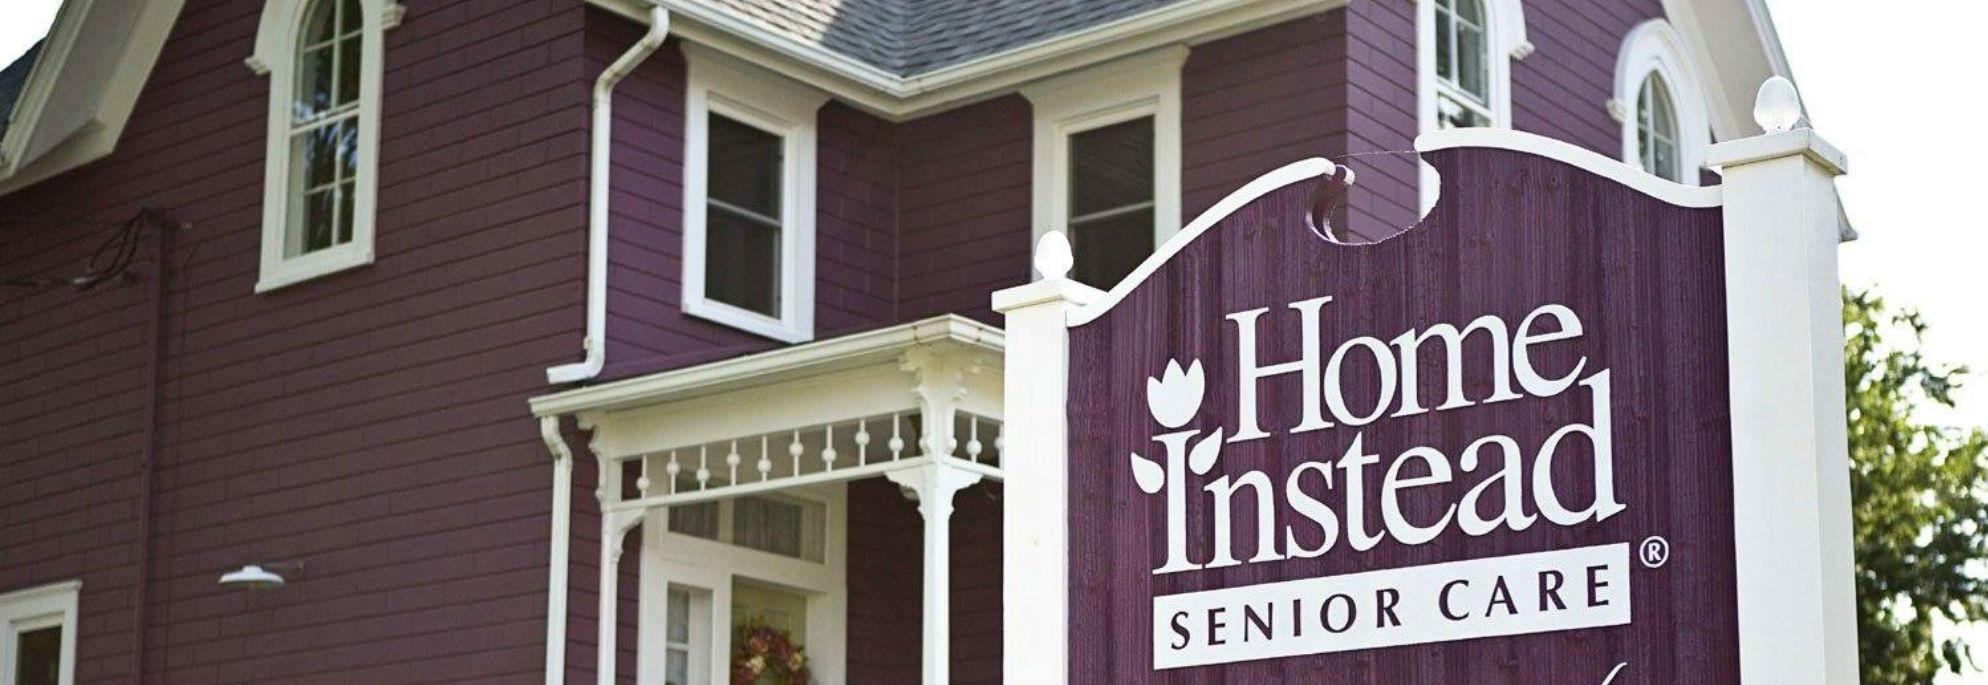 Home Instead Senior Care Mankato